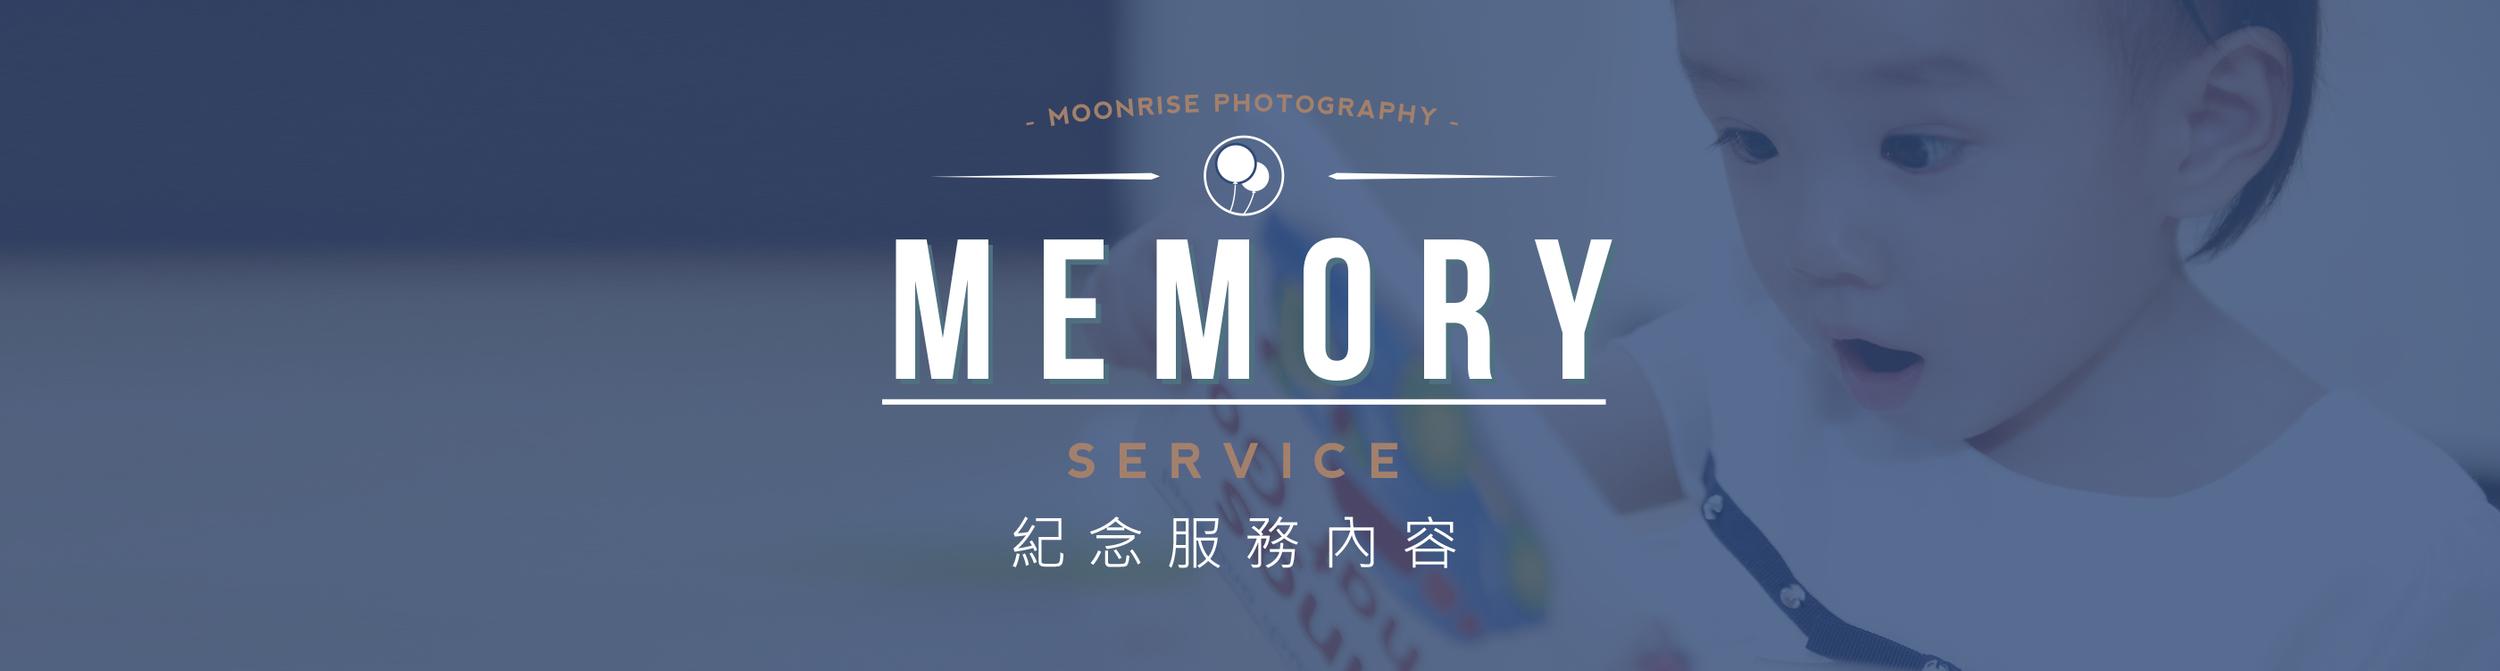 service_memory.jpg